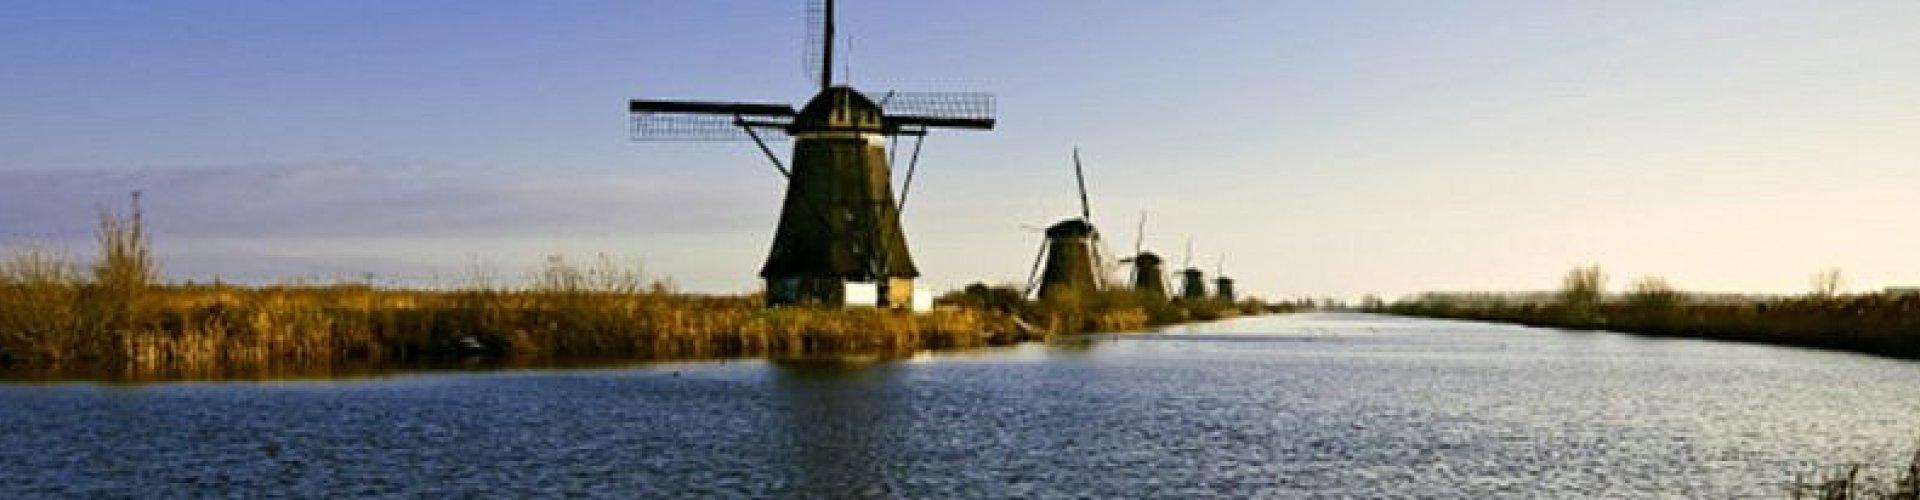 Zuid-Holland